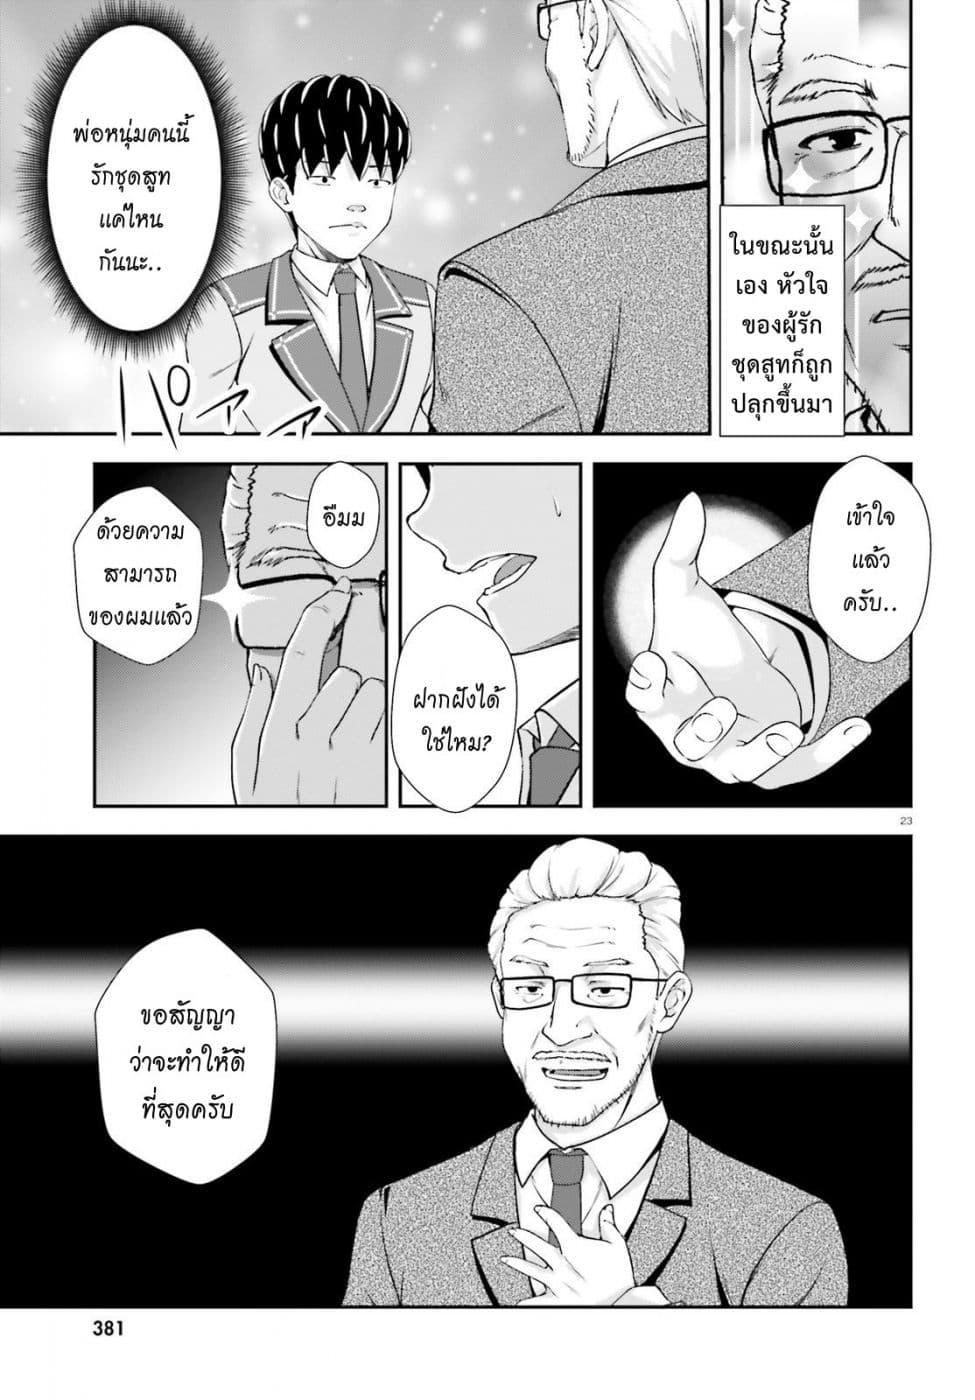 อ่านการ์ตูน Nishino Gakunai Caste Saikai Ni Shite Ino Sekai Saikyo No Shonen ตอนที่ 6 หน้าที่ 20